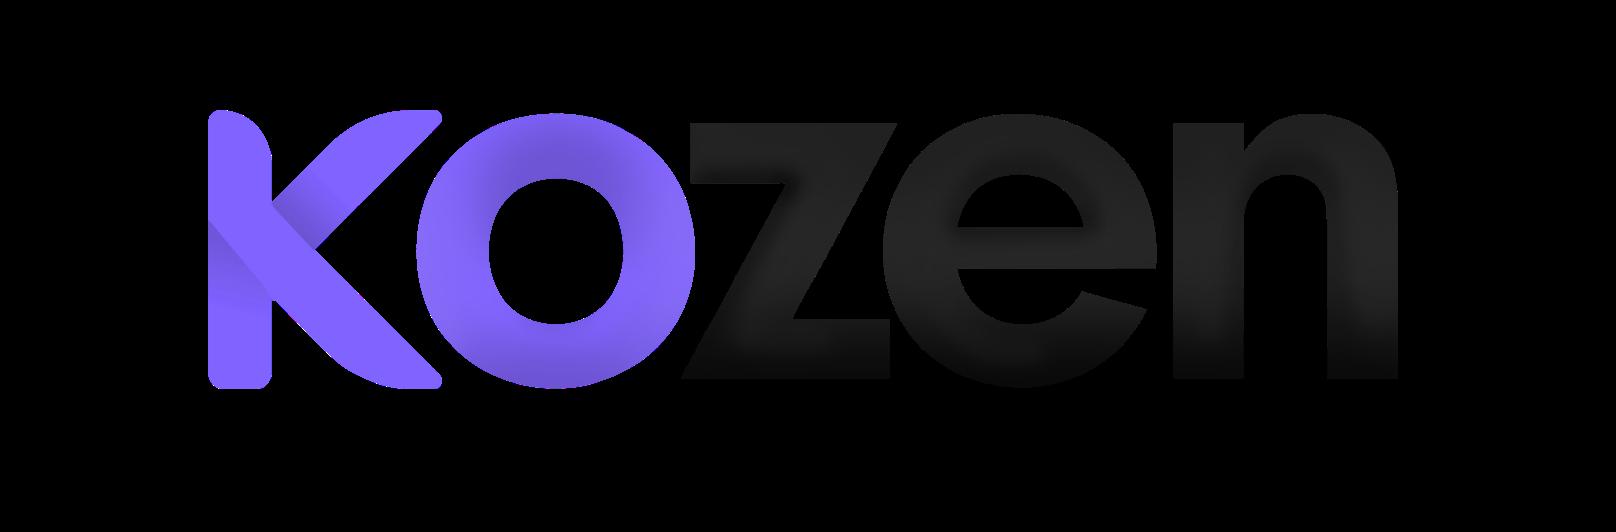 Kozen new logo